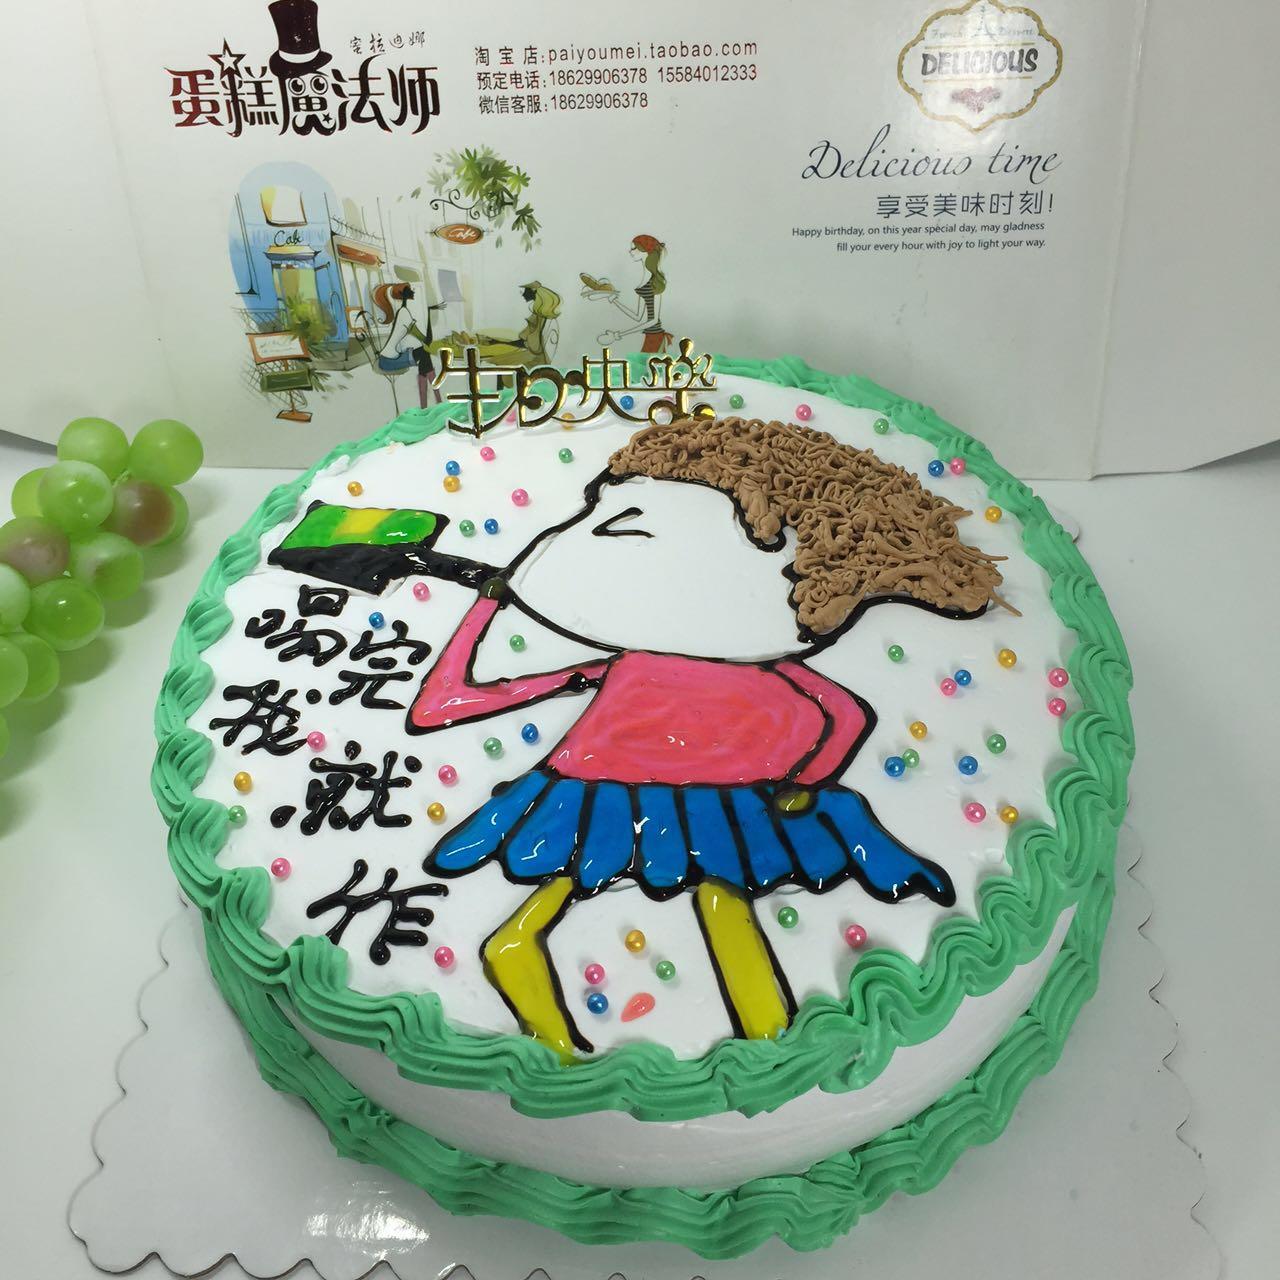 蜜拉迪娜新款女汉子生日蛋糕喝酒小美女吉林市长春市同城免费配送图片